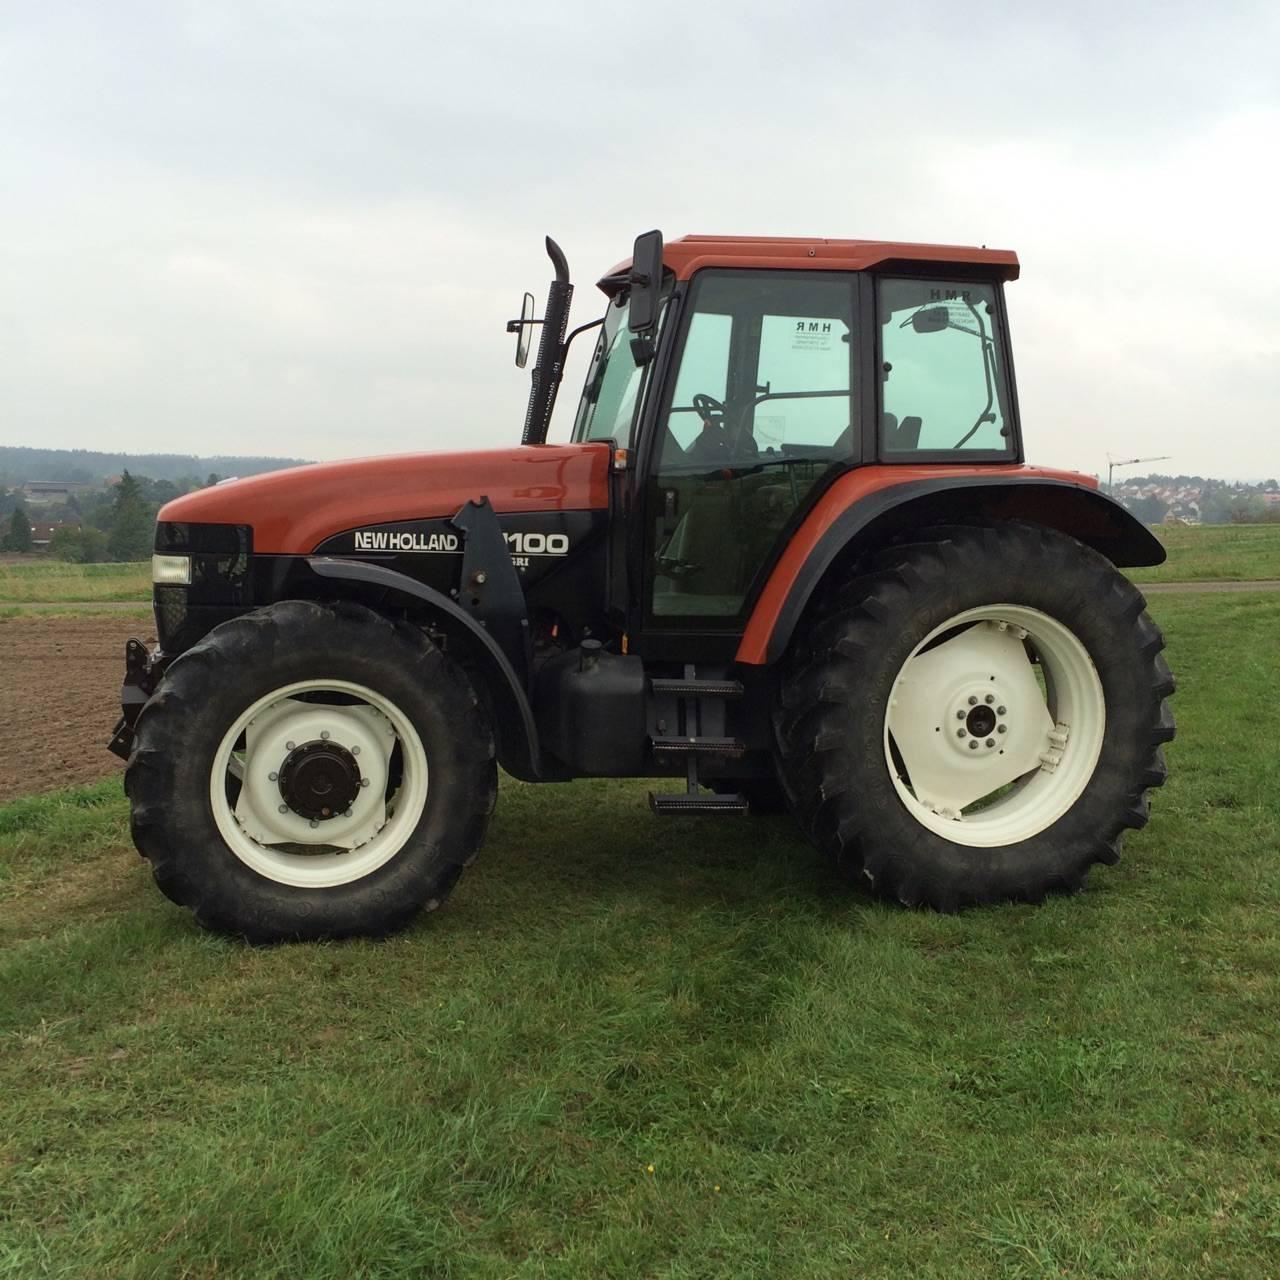 traktor mit frontlader new holland m100. Black Bedroom Furniture Sets. Home Design Ideas